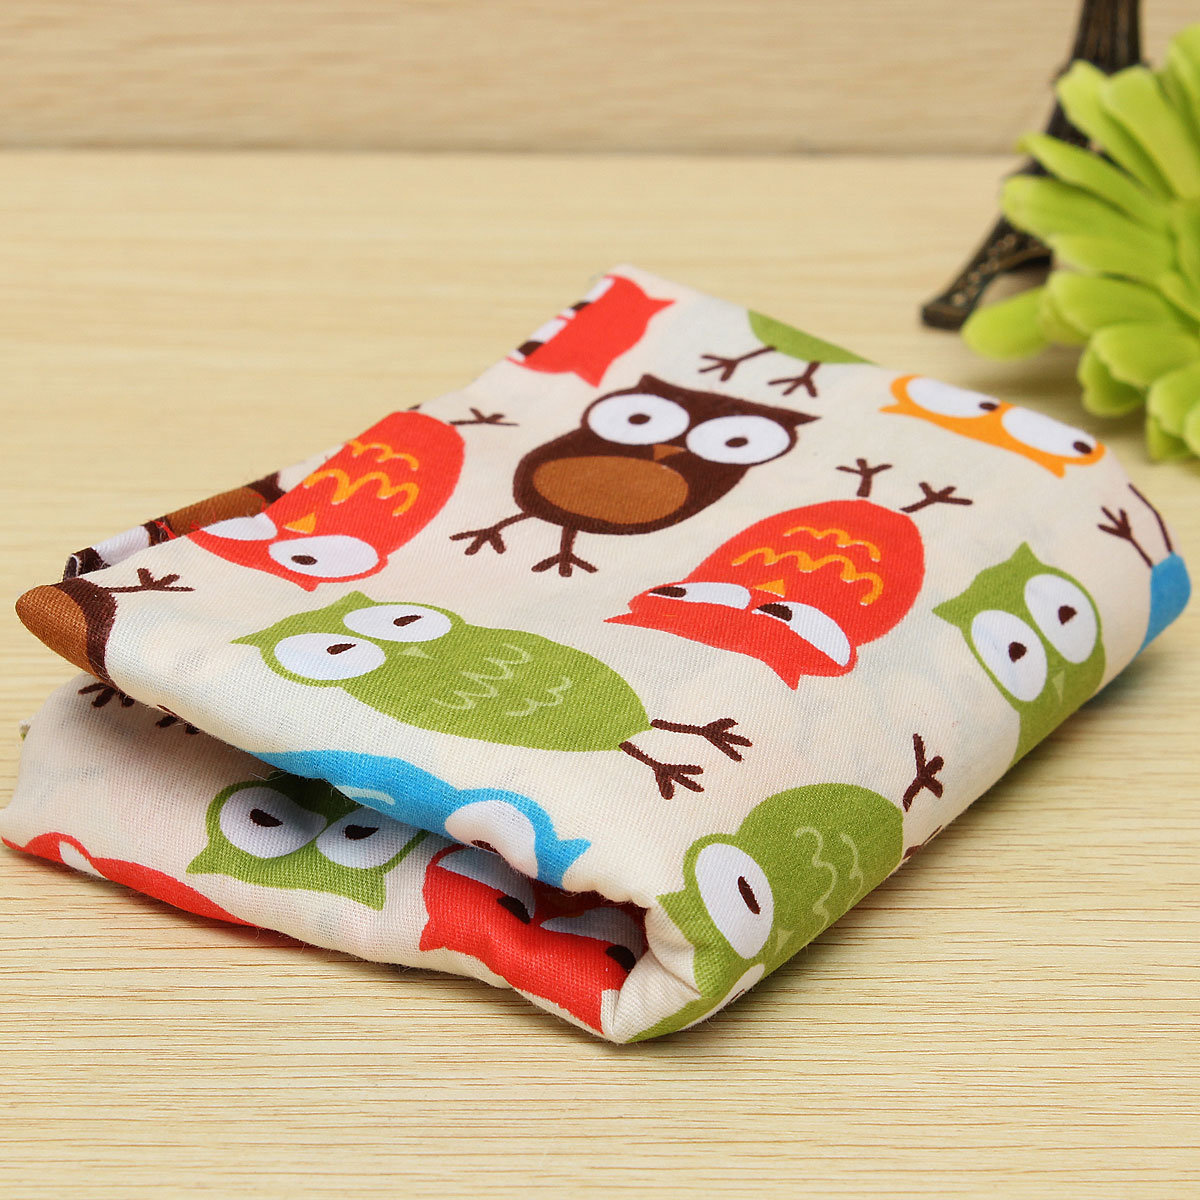 52x160cm coupons tissu patchwork coton hibou chouette rideau enfant artisanat ebay. Black Bedroom Furniture Sets. Home Design Ideas